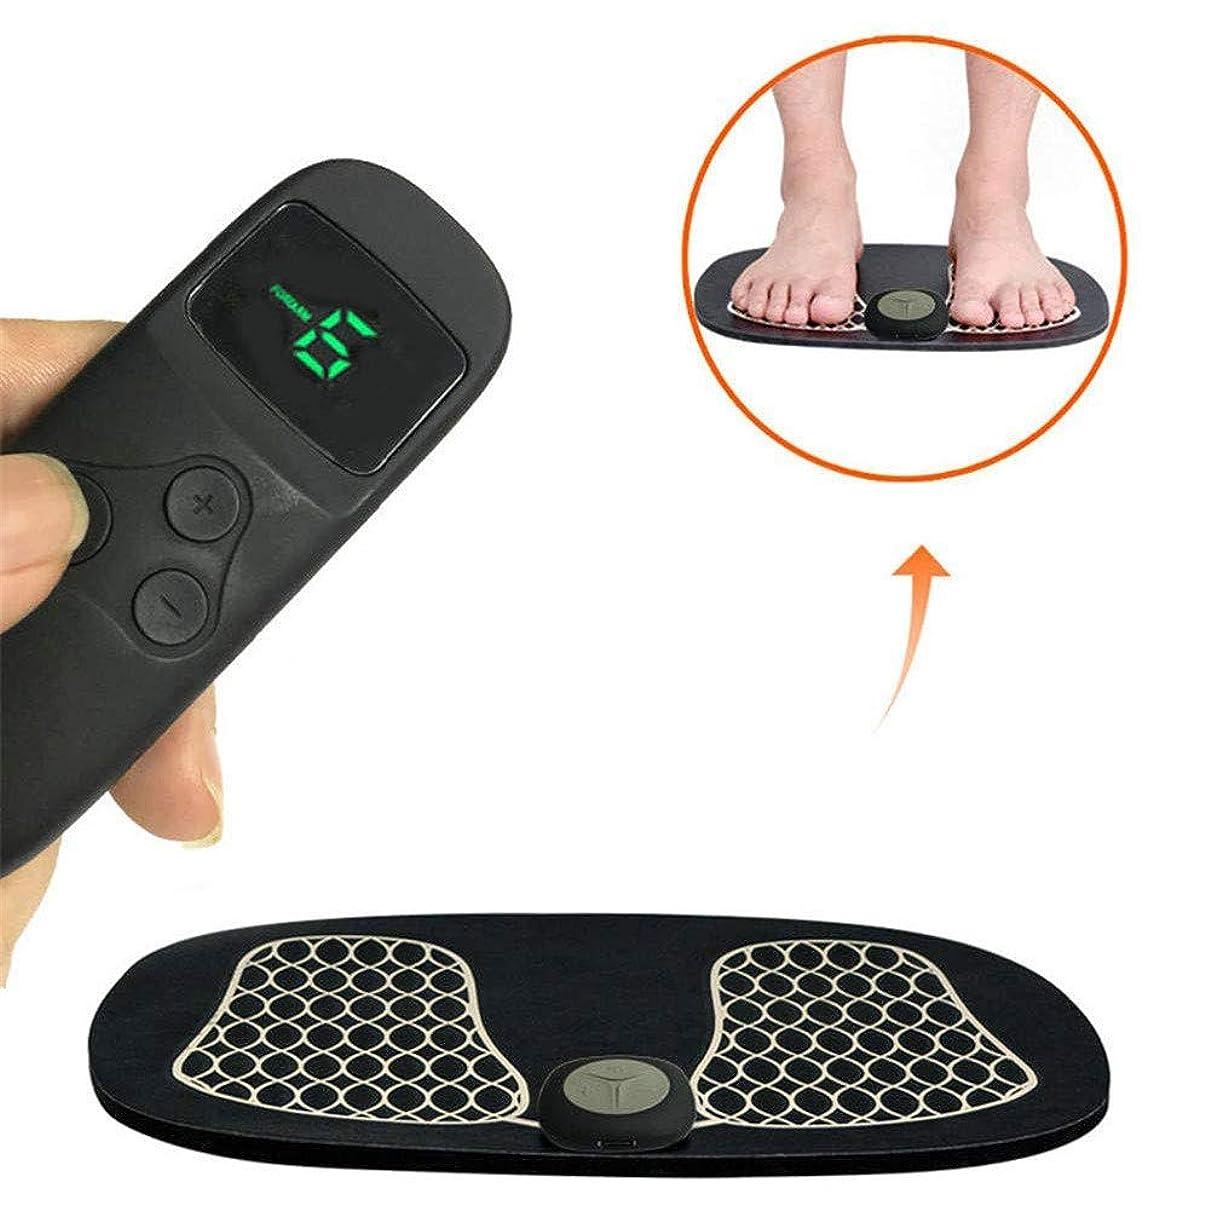 お別れ寝室を掃除するハリケーンEMSフットフィット、フットトリートメントマッサージのための足の筋肉マッサージ刺激装置理学療法は、痛みを軽減し、疲労を軽減します